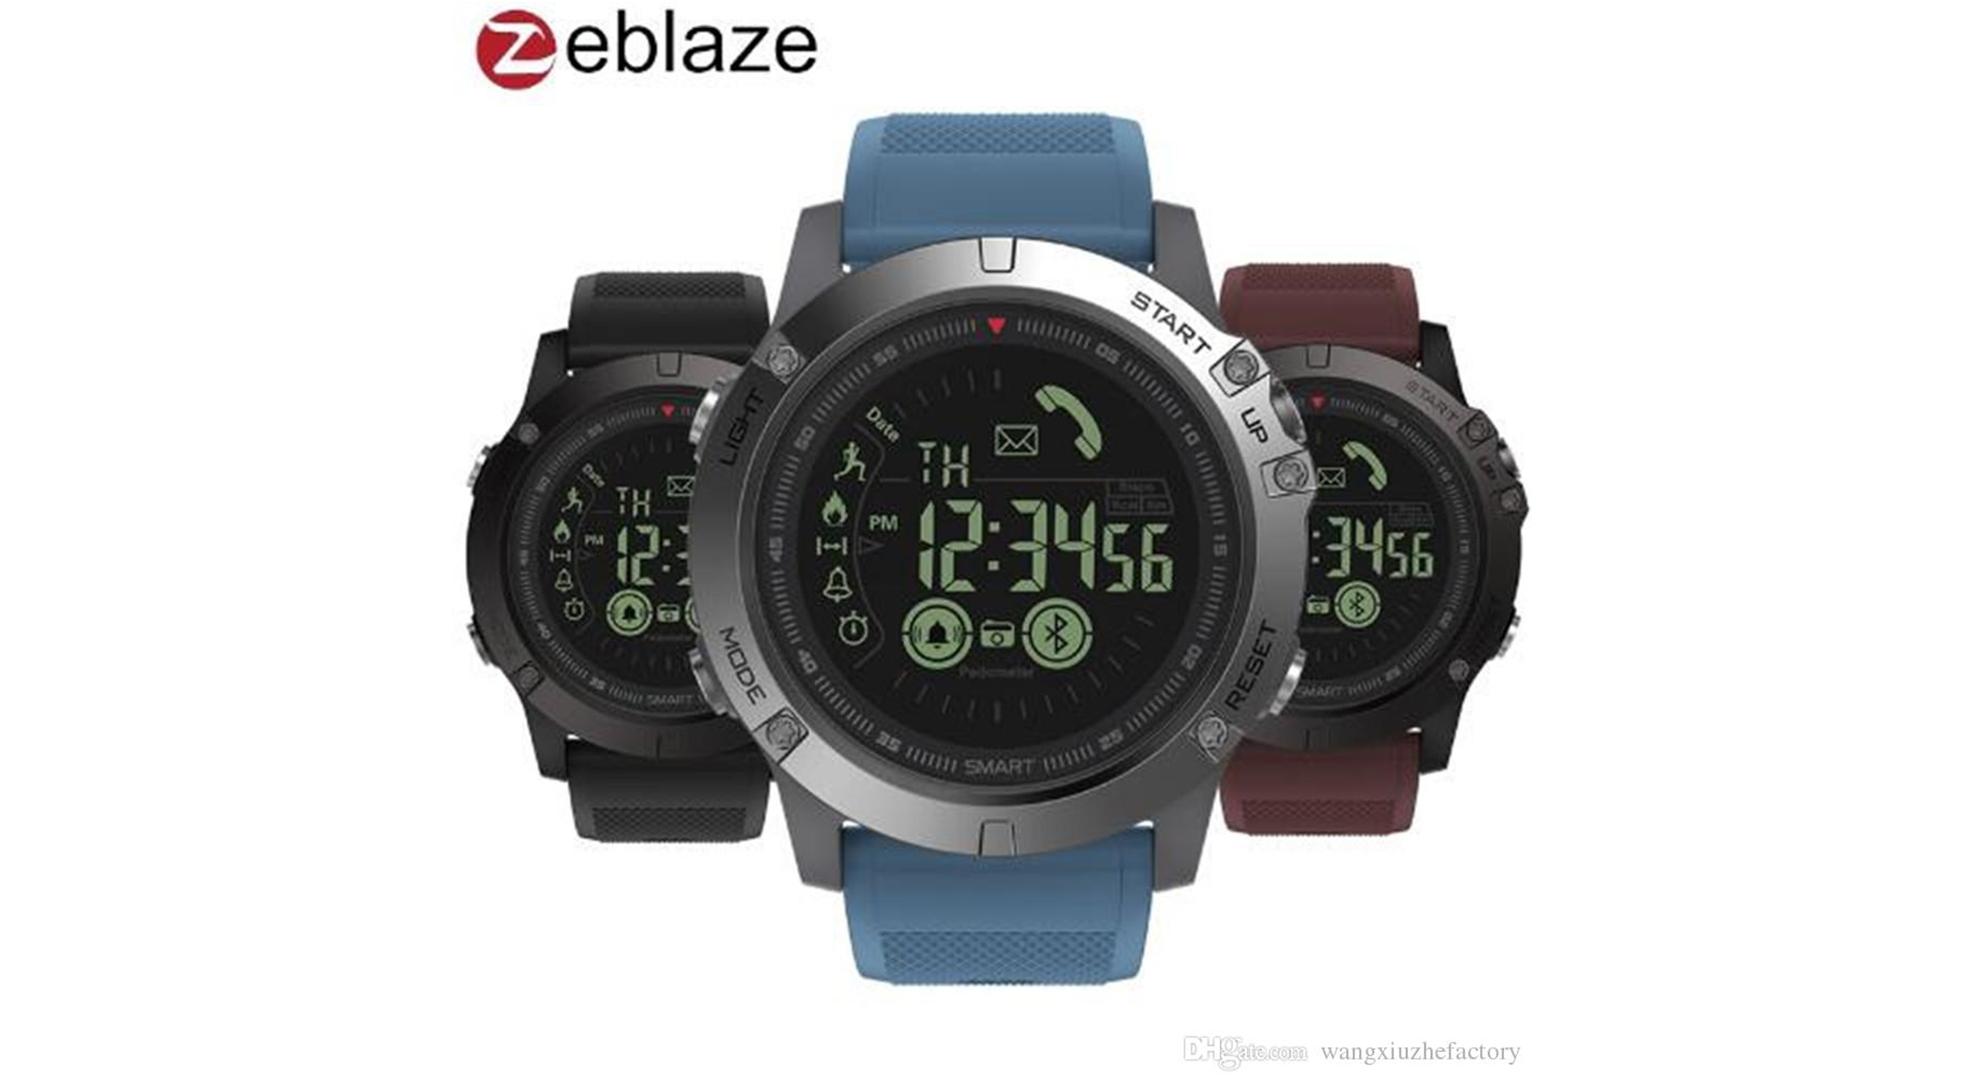 Chytré hodinky Zeblaze VIBE 3 nyní ve slevě za 404 Kč! [sponzorovaný článek]